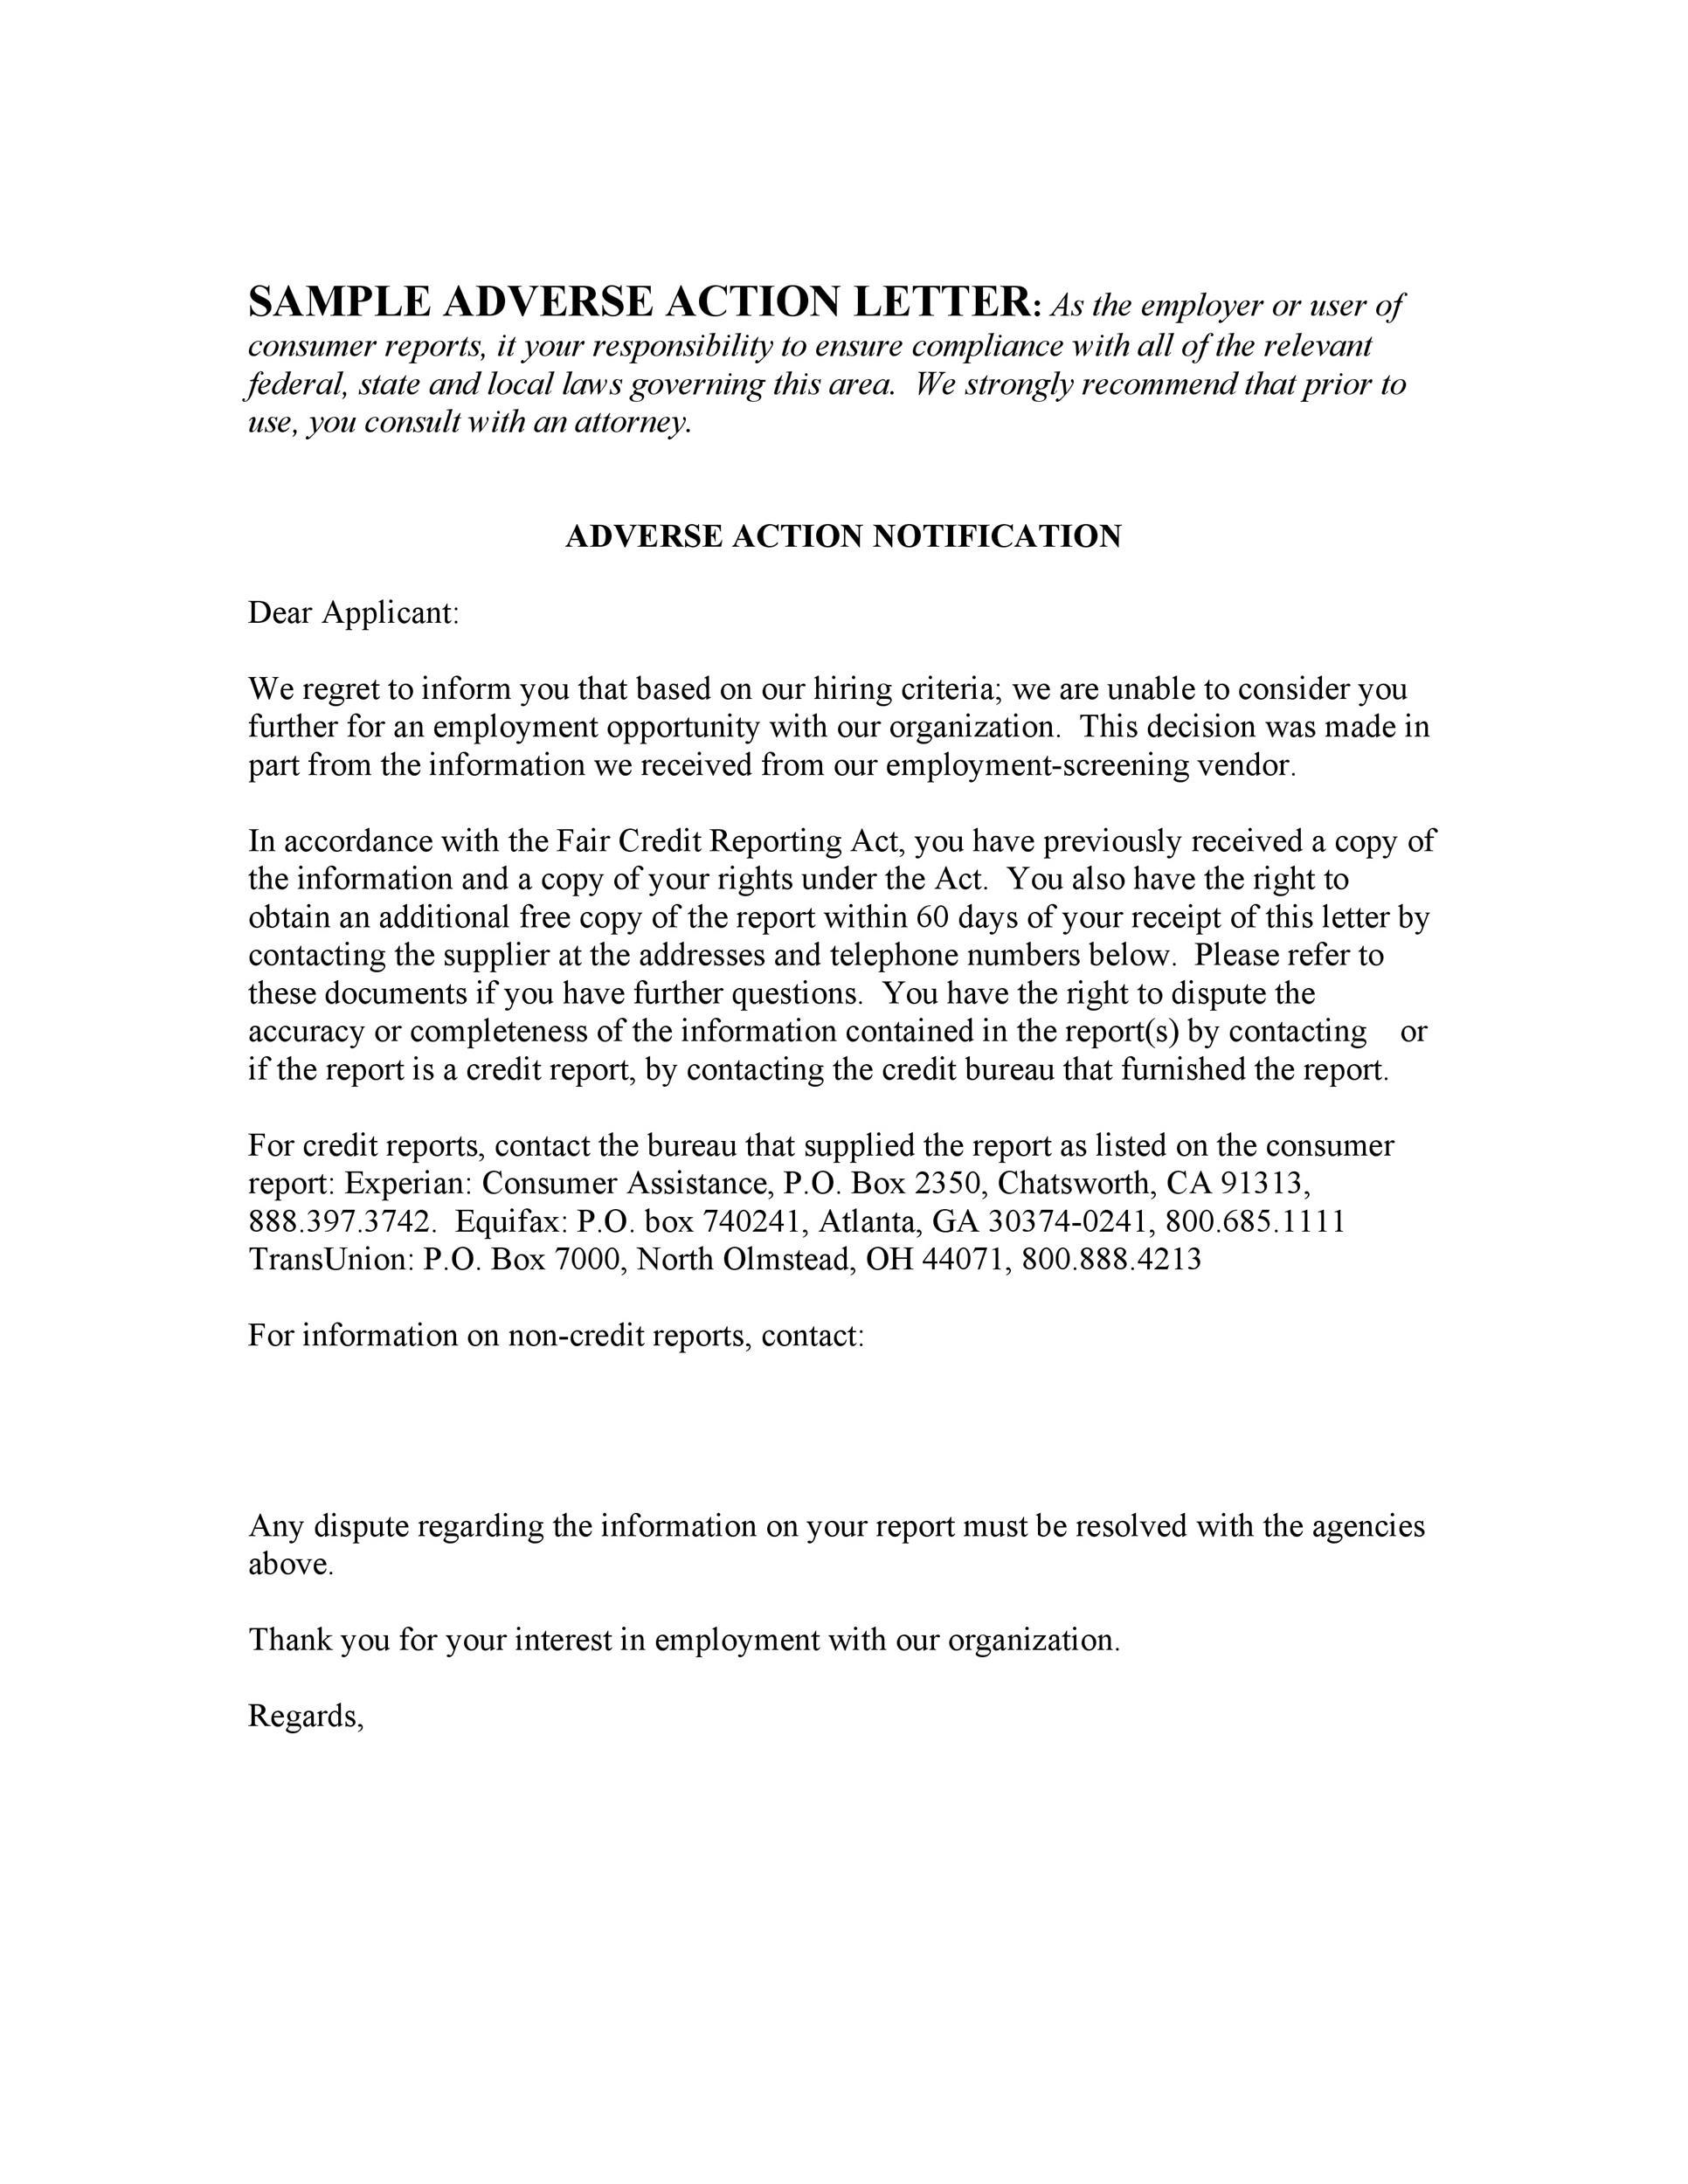 Free adverse action notice 25